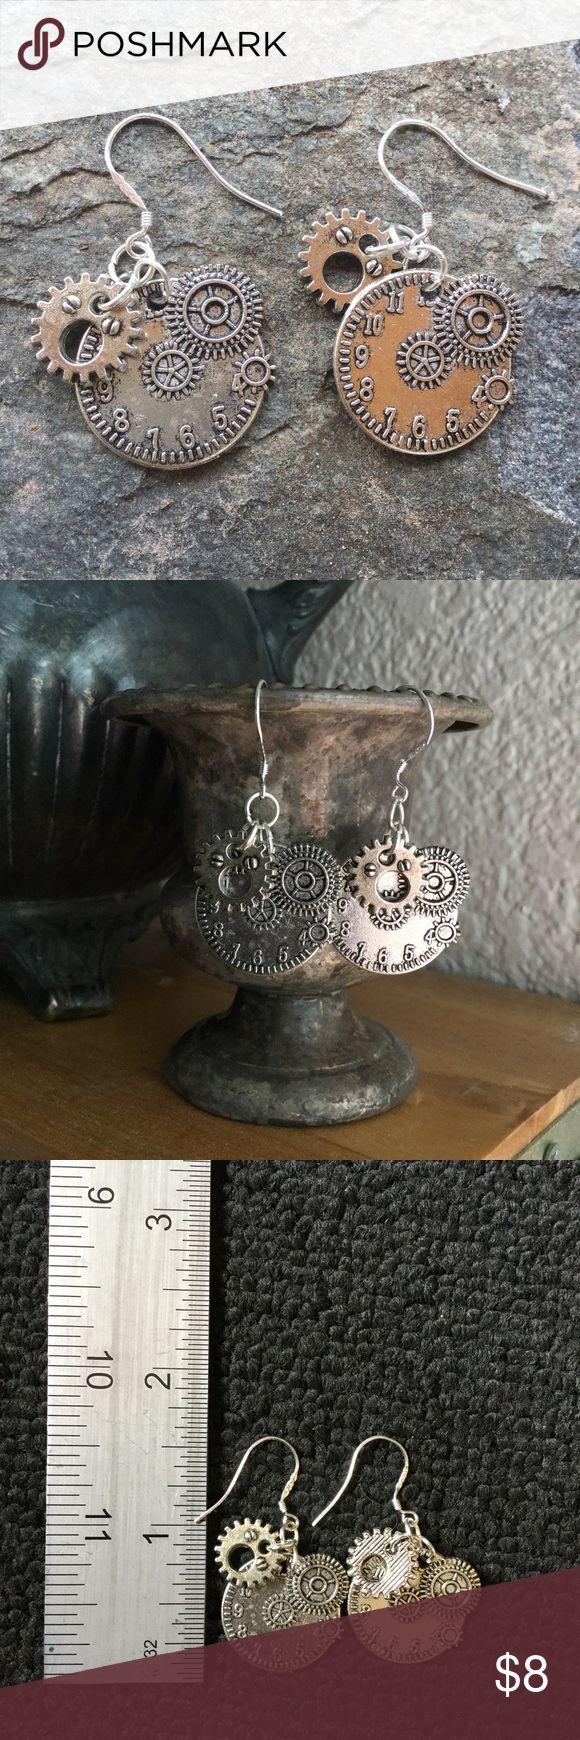 Steam punk Gear Earrings ✨ Jewelry Earrings